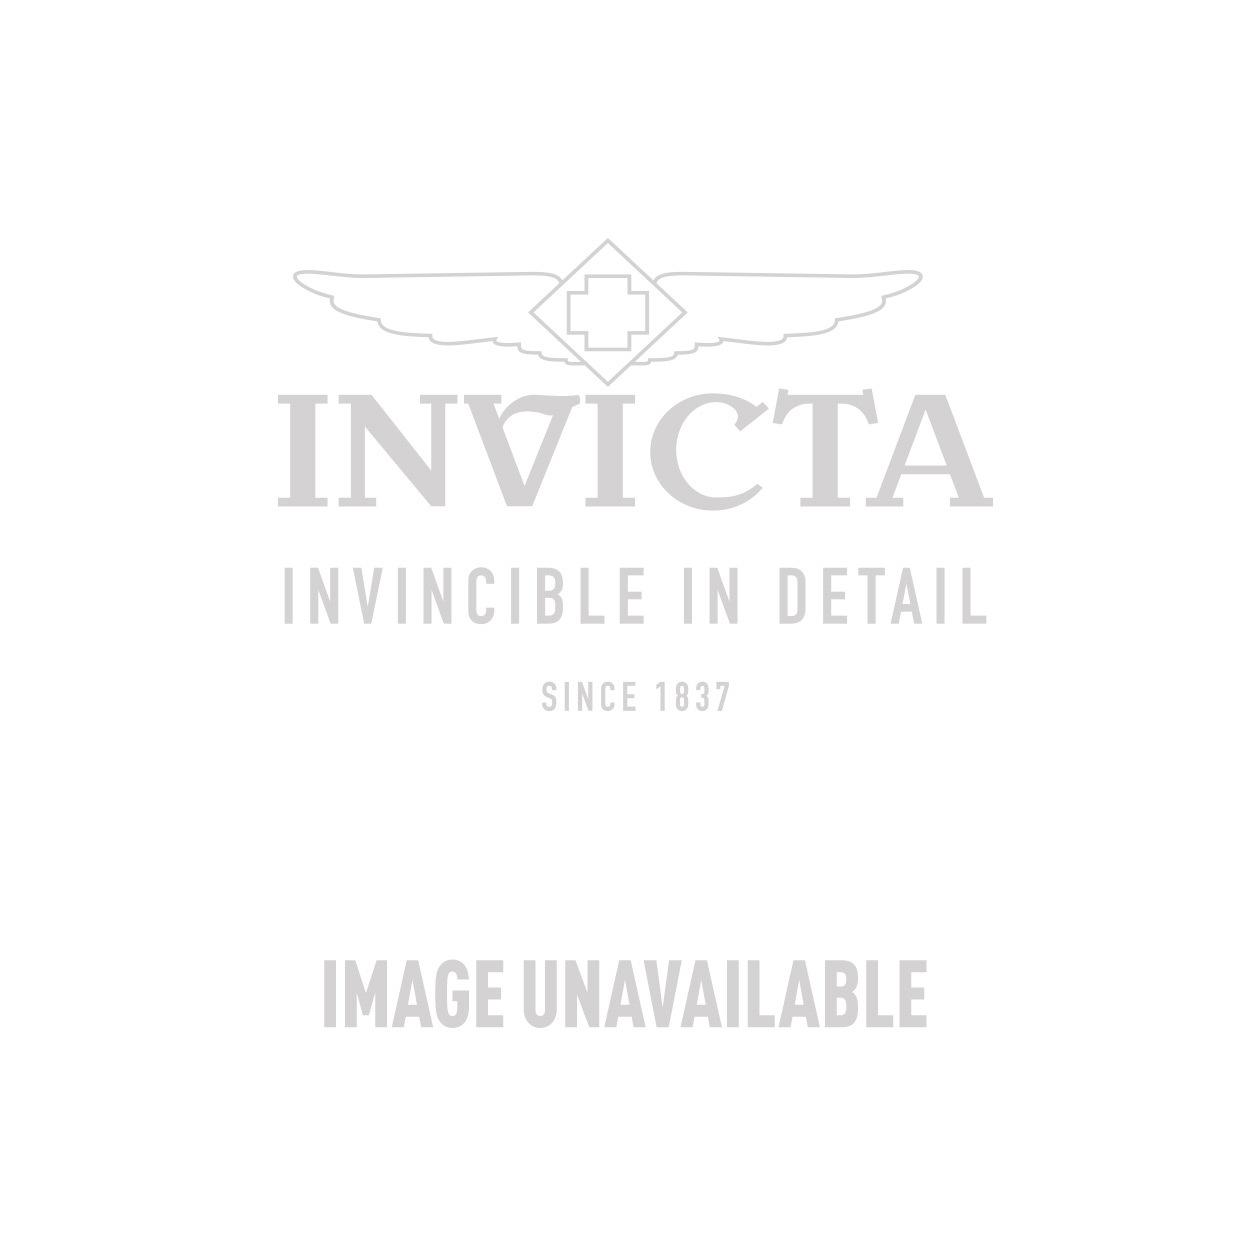 Invicta Model 25029